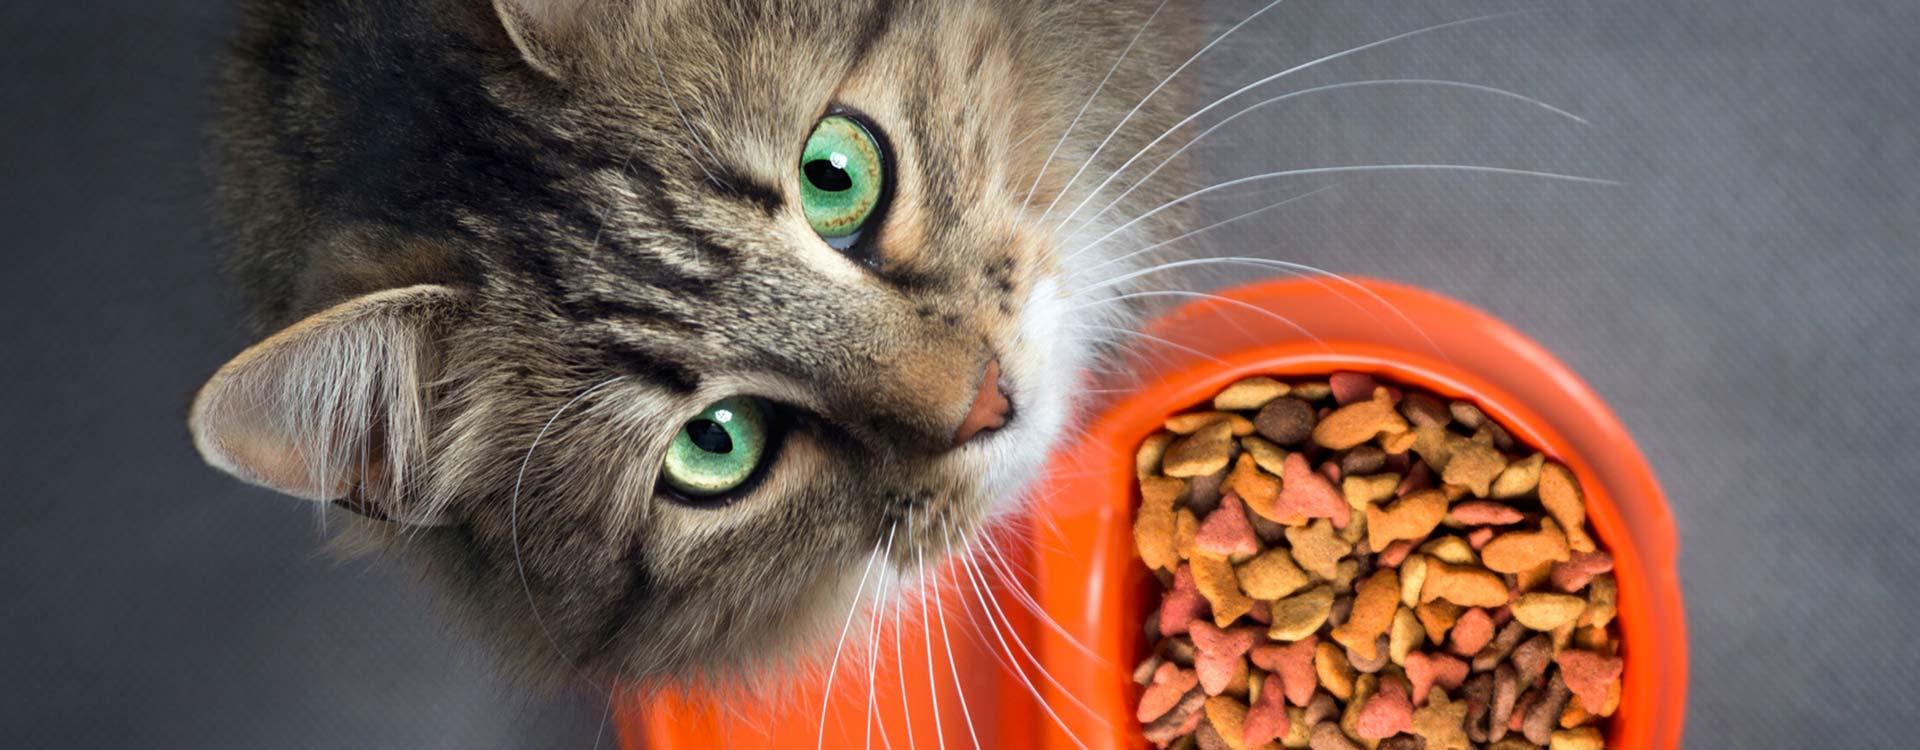 Ernährungsberatung für Tiere in Landshut